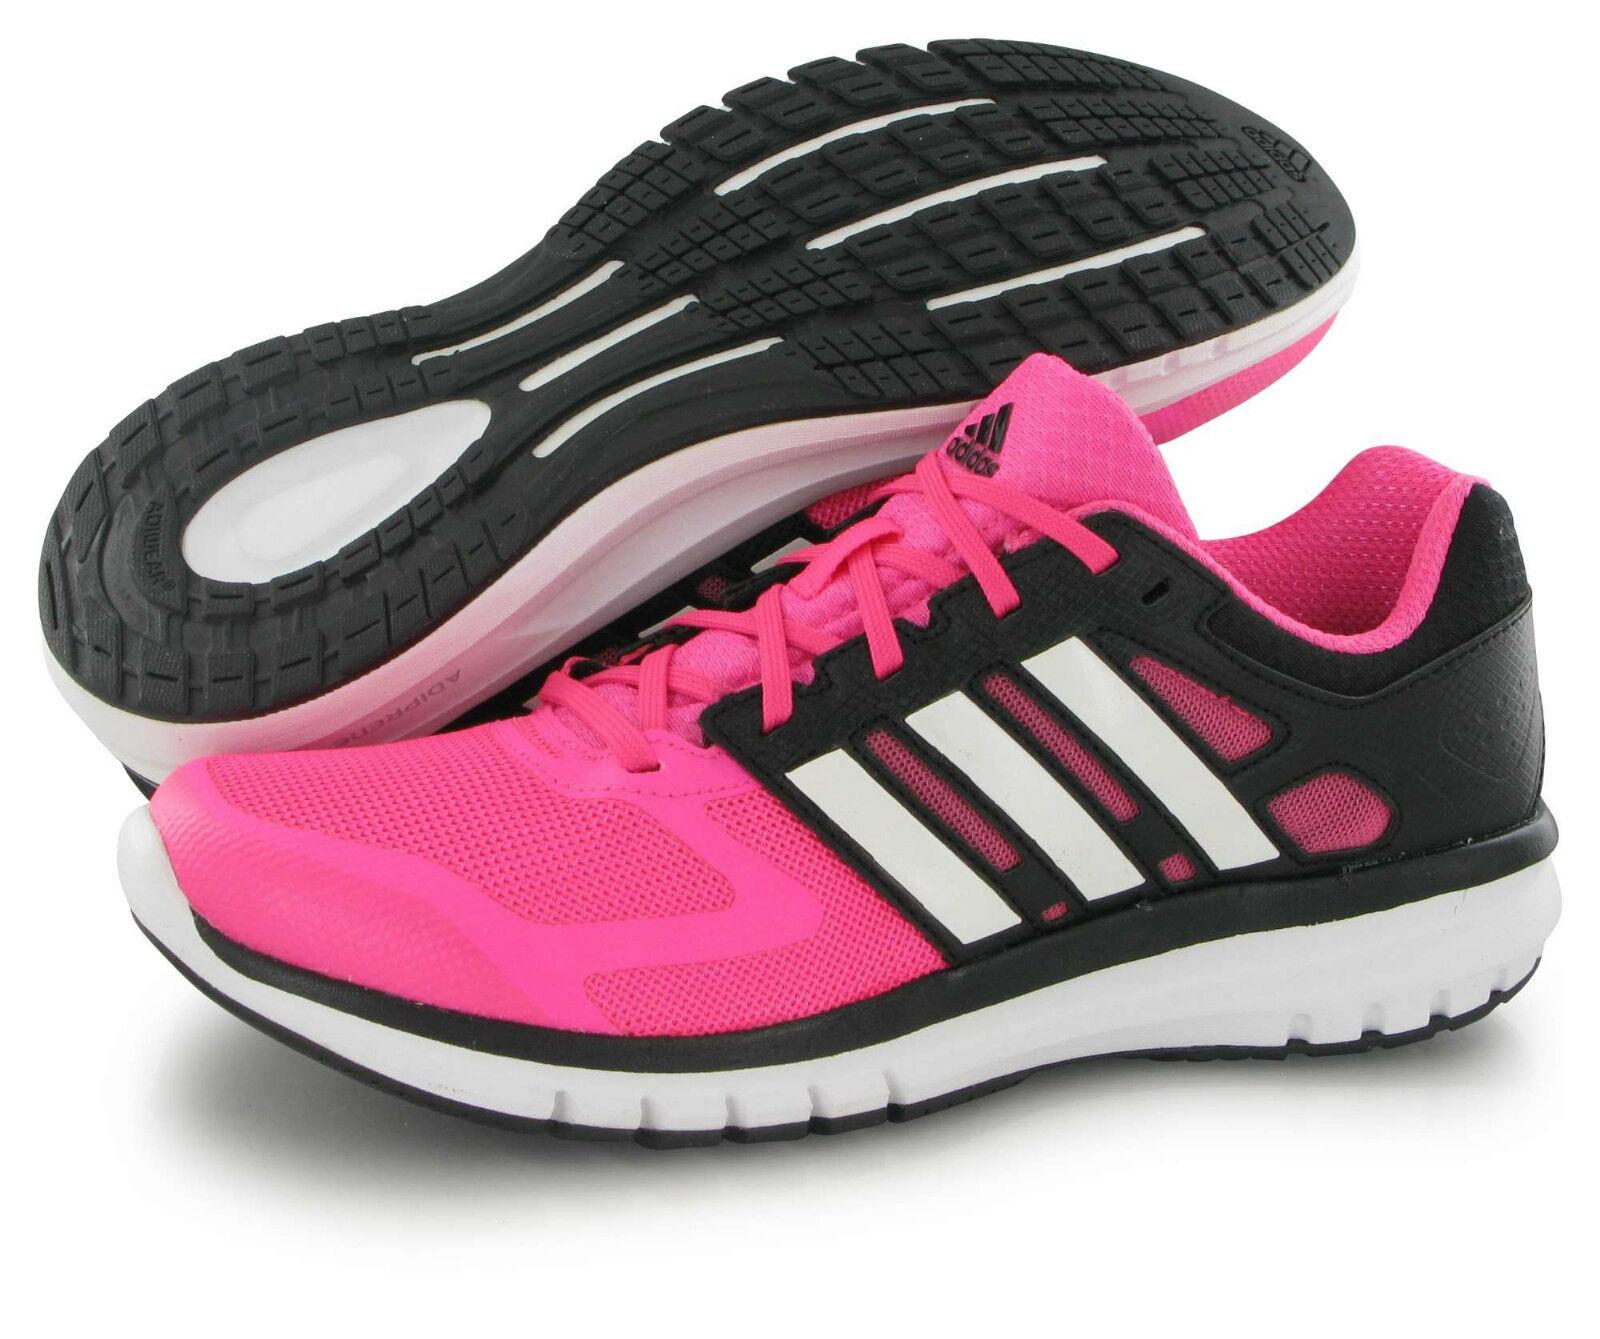 Adidas Duramo Elite Mujer Rosa/Negro/Blanco Zapatillas Zapatos Correr 6.5 _ 7.5 7 _ 7.5 _ _ 8 b9aaba